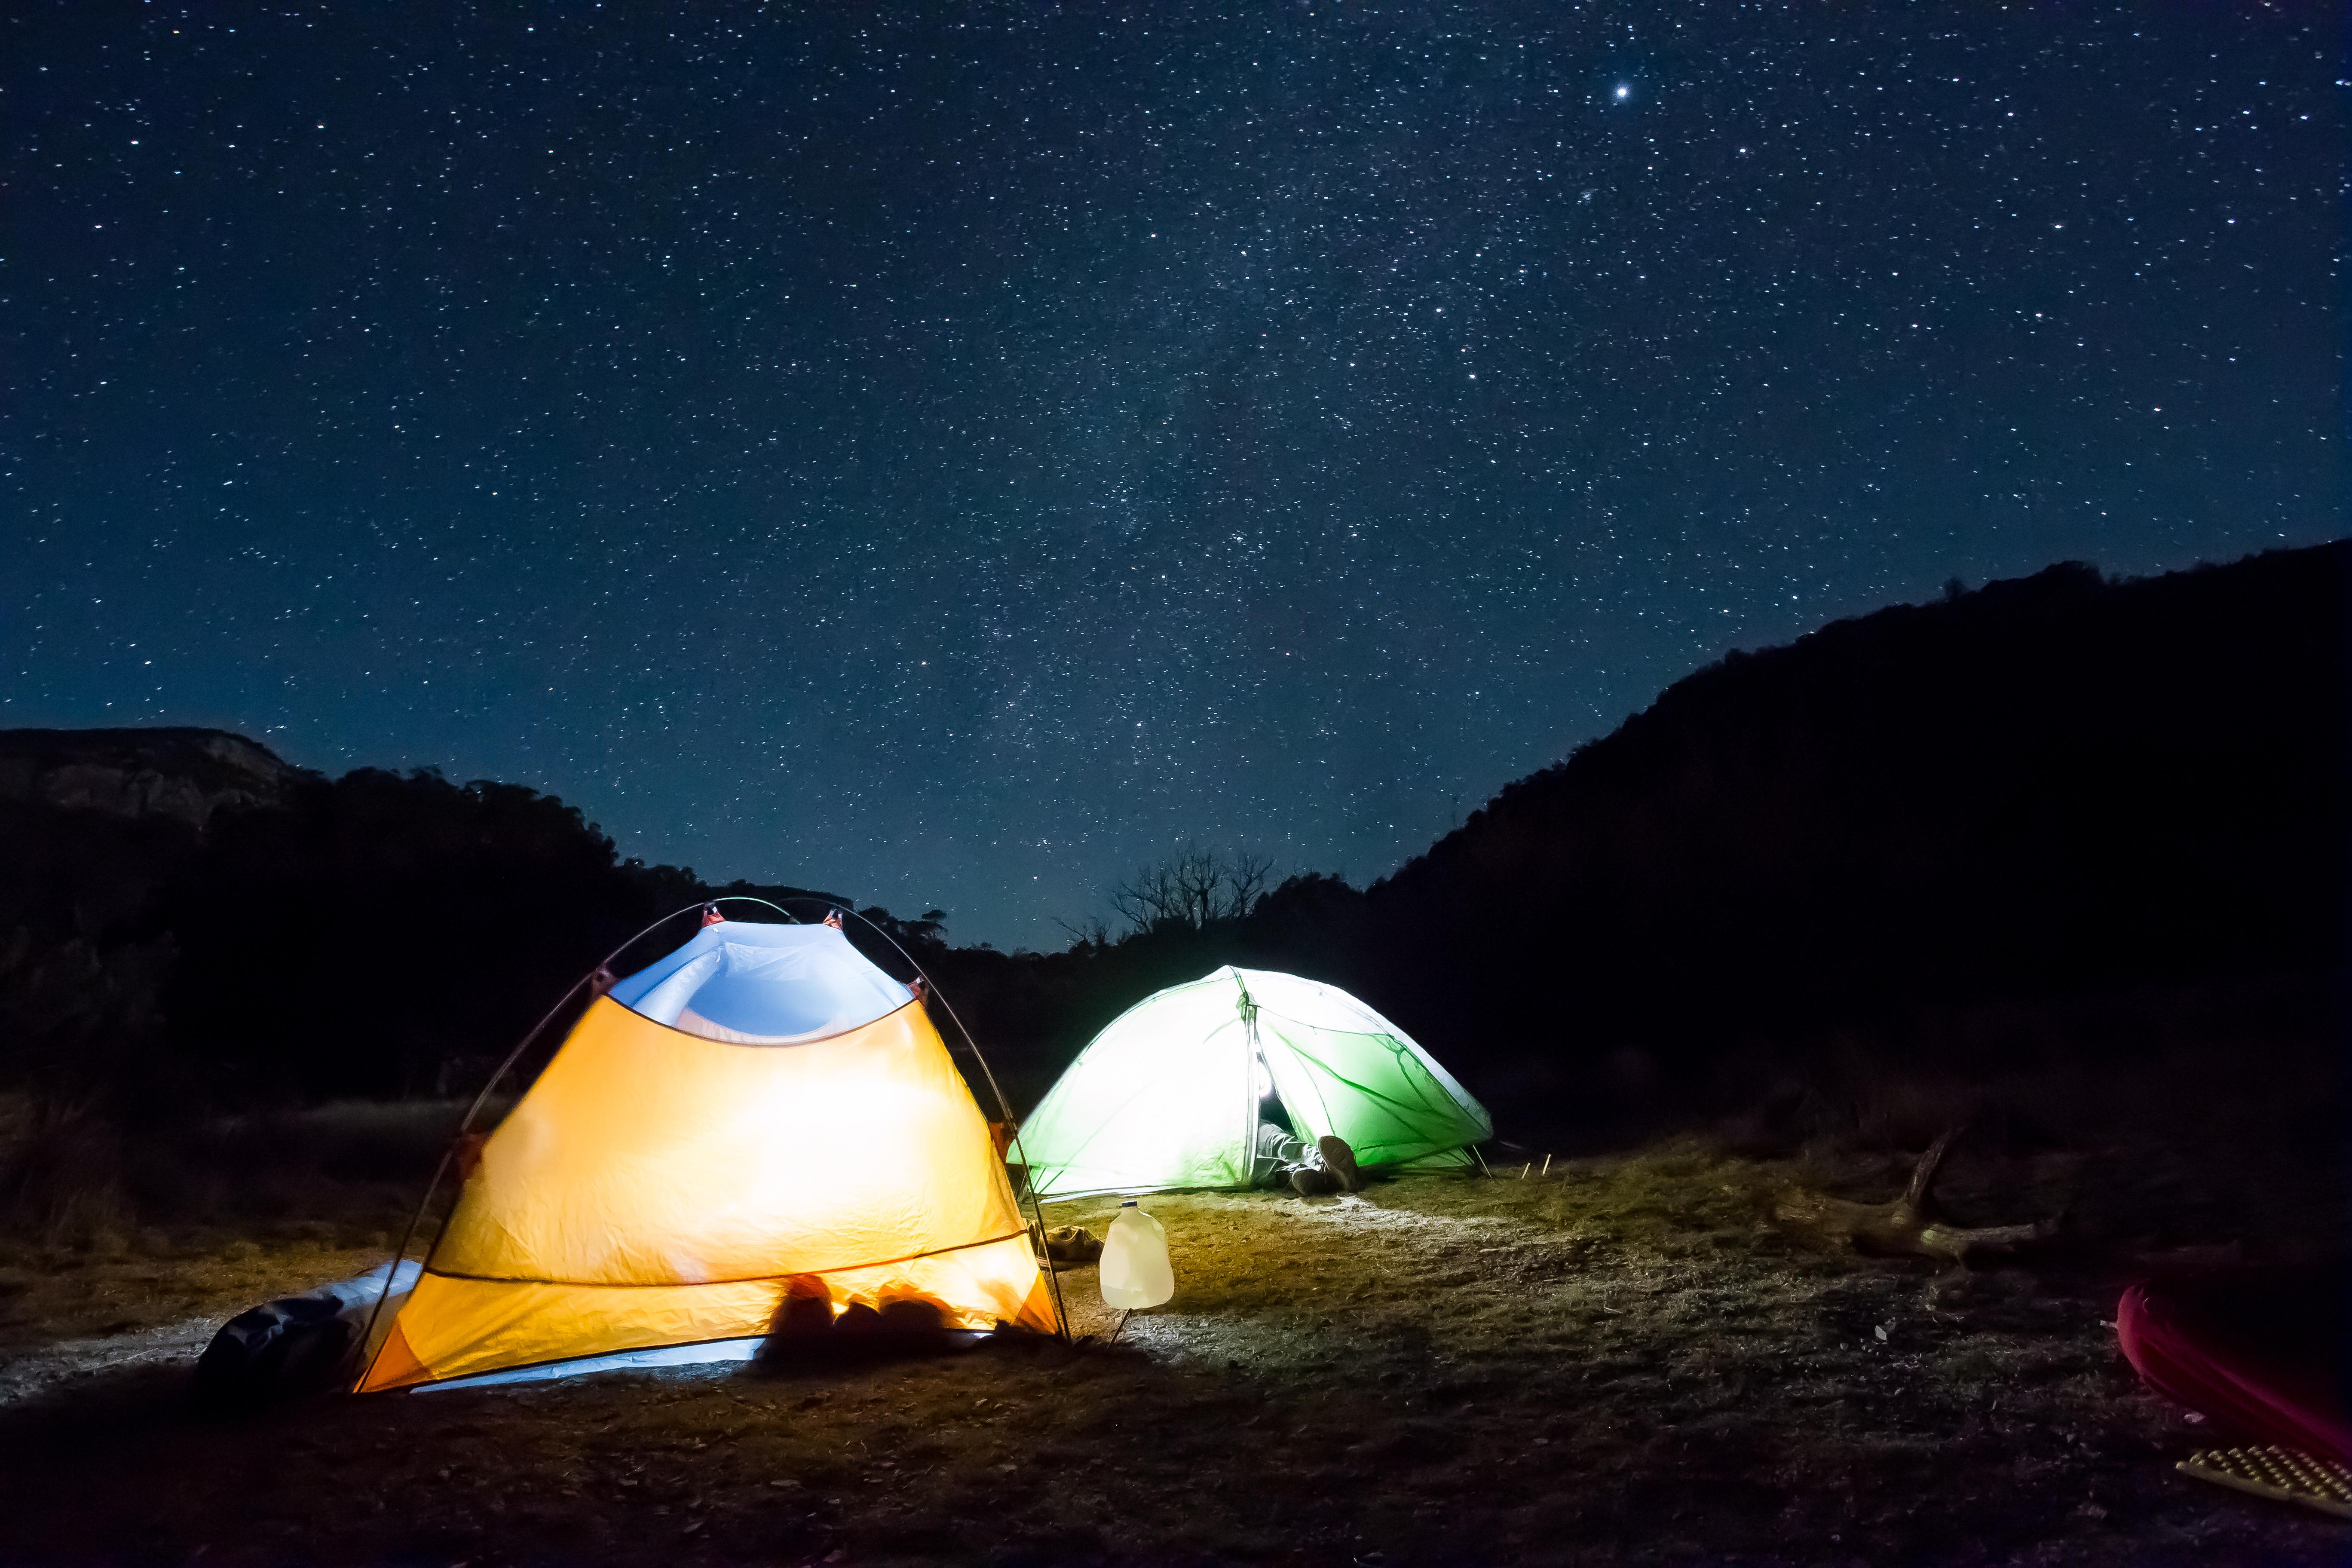 Masaüstü Park Işık Dağ Dağlar Doğa Canon Boyama Yol